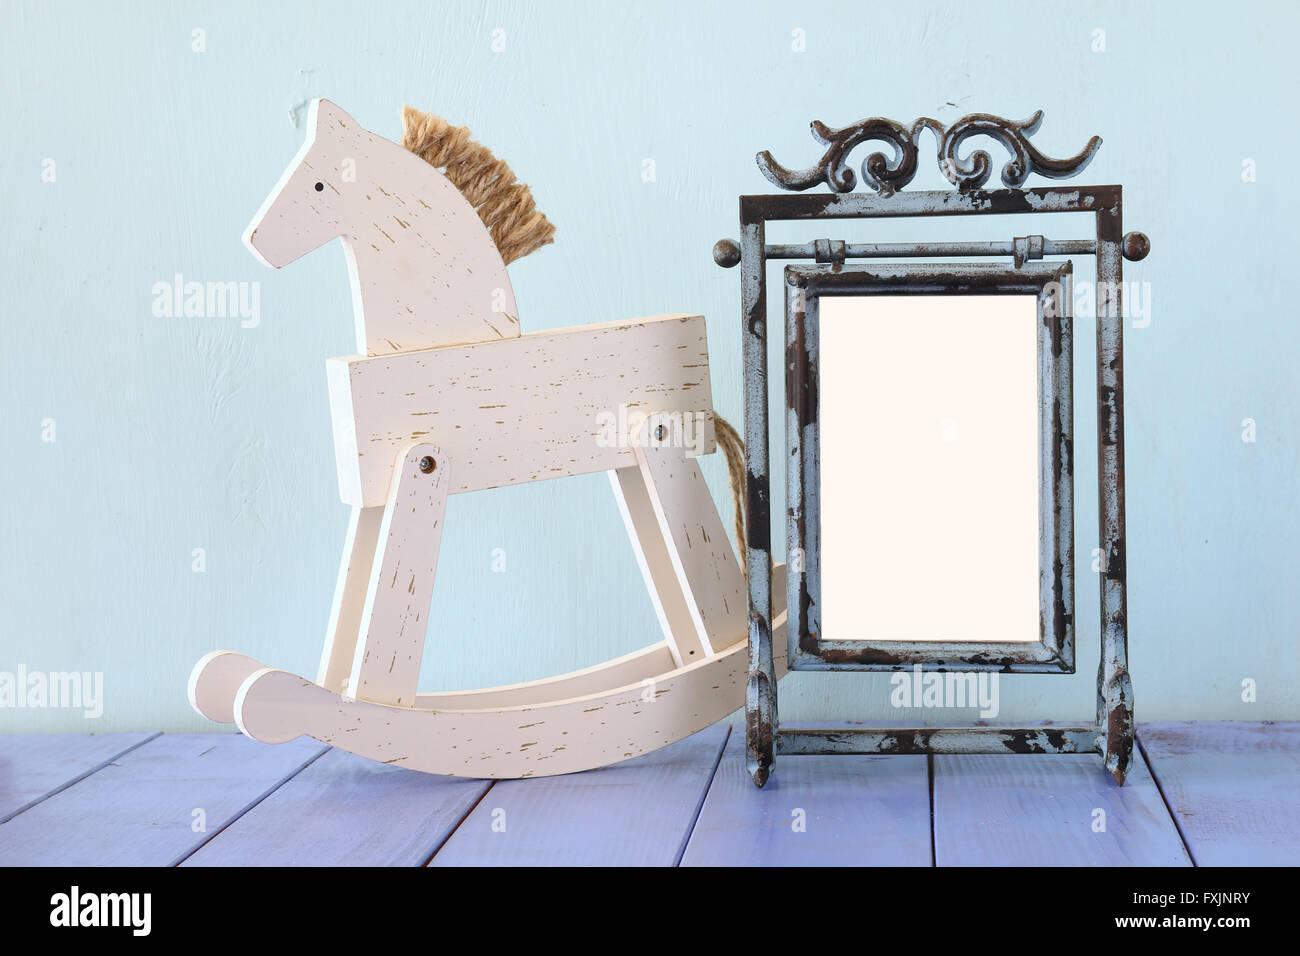 Bianco antico in stile vintage telaio e il vecchio cavallo a dondolo su un tavolo di legno. Immagini Stock